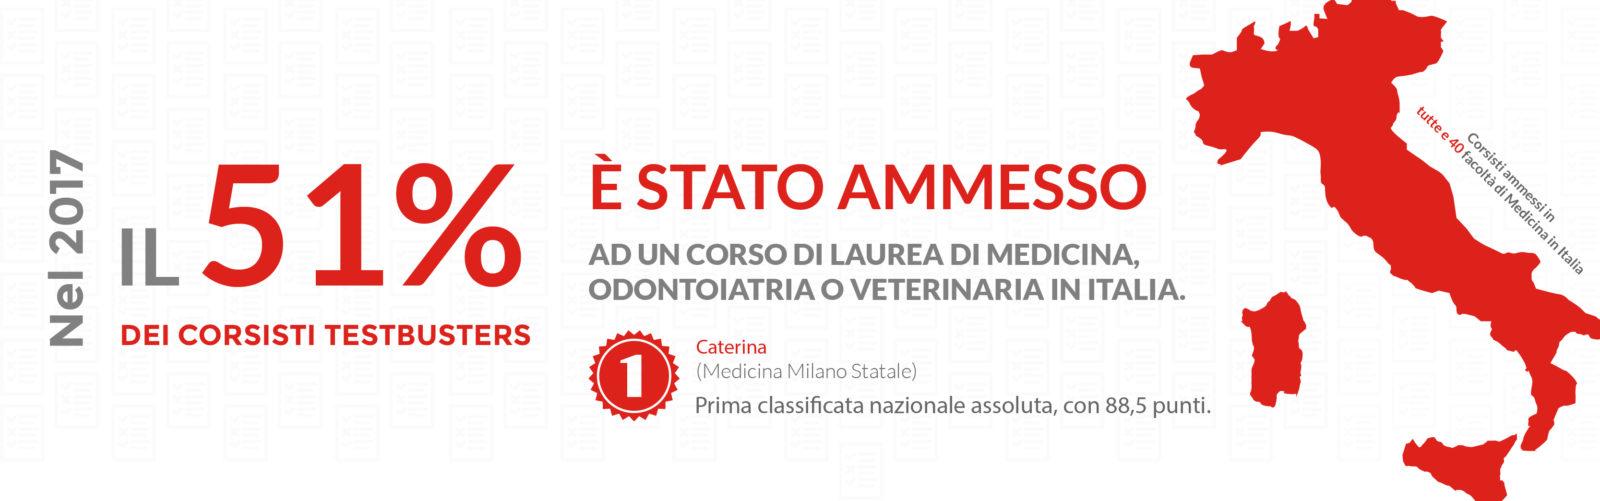 statistiche_corsisti_medicina_2017